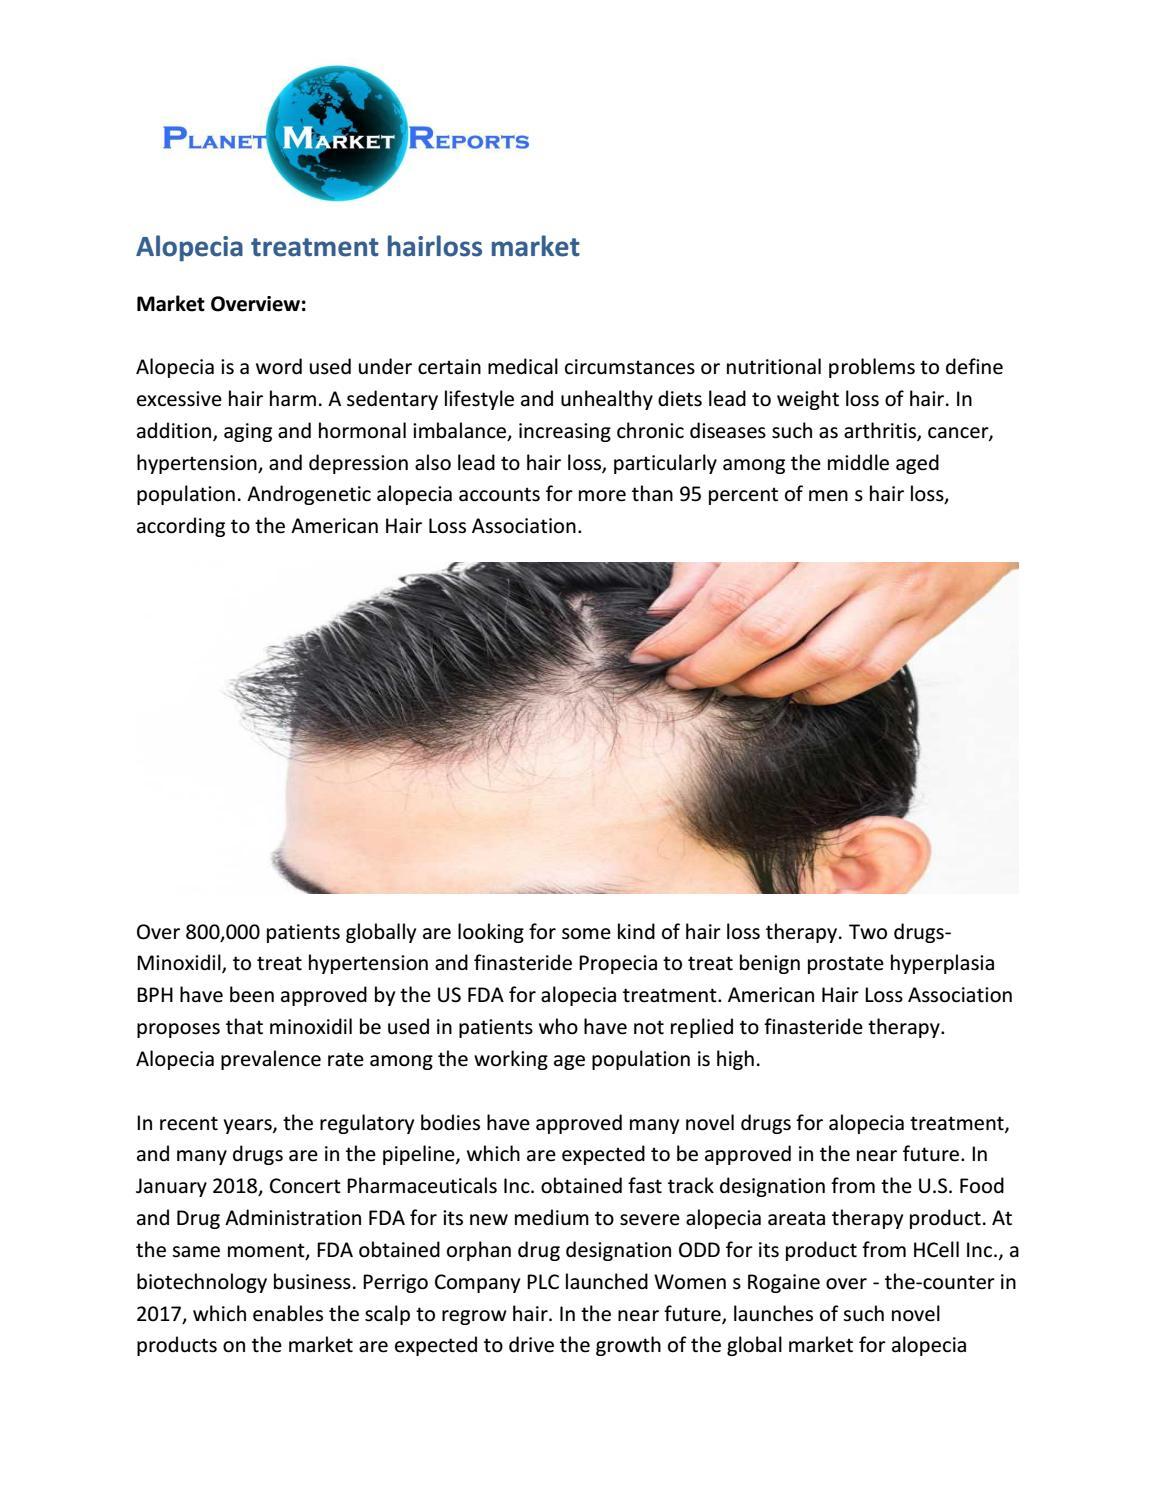 Alopecia Treatment Hairloss Market Analysis And Forecast By William Joe Issuu